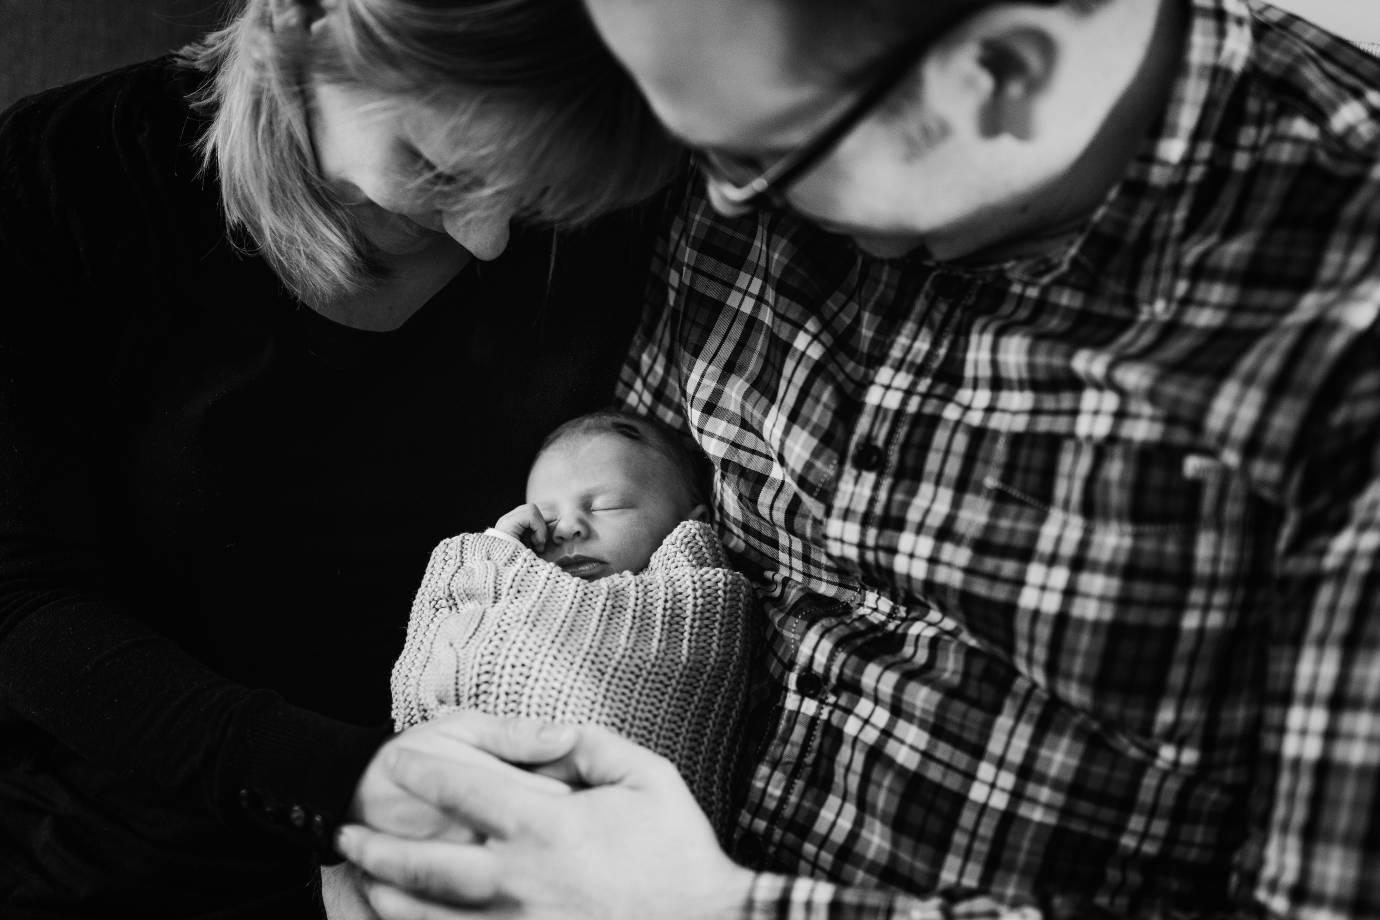 babyfotograf bremen 02 - Emma